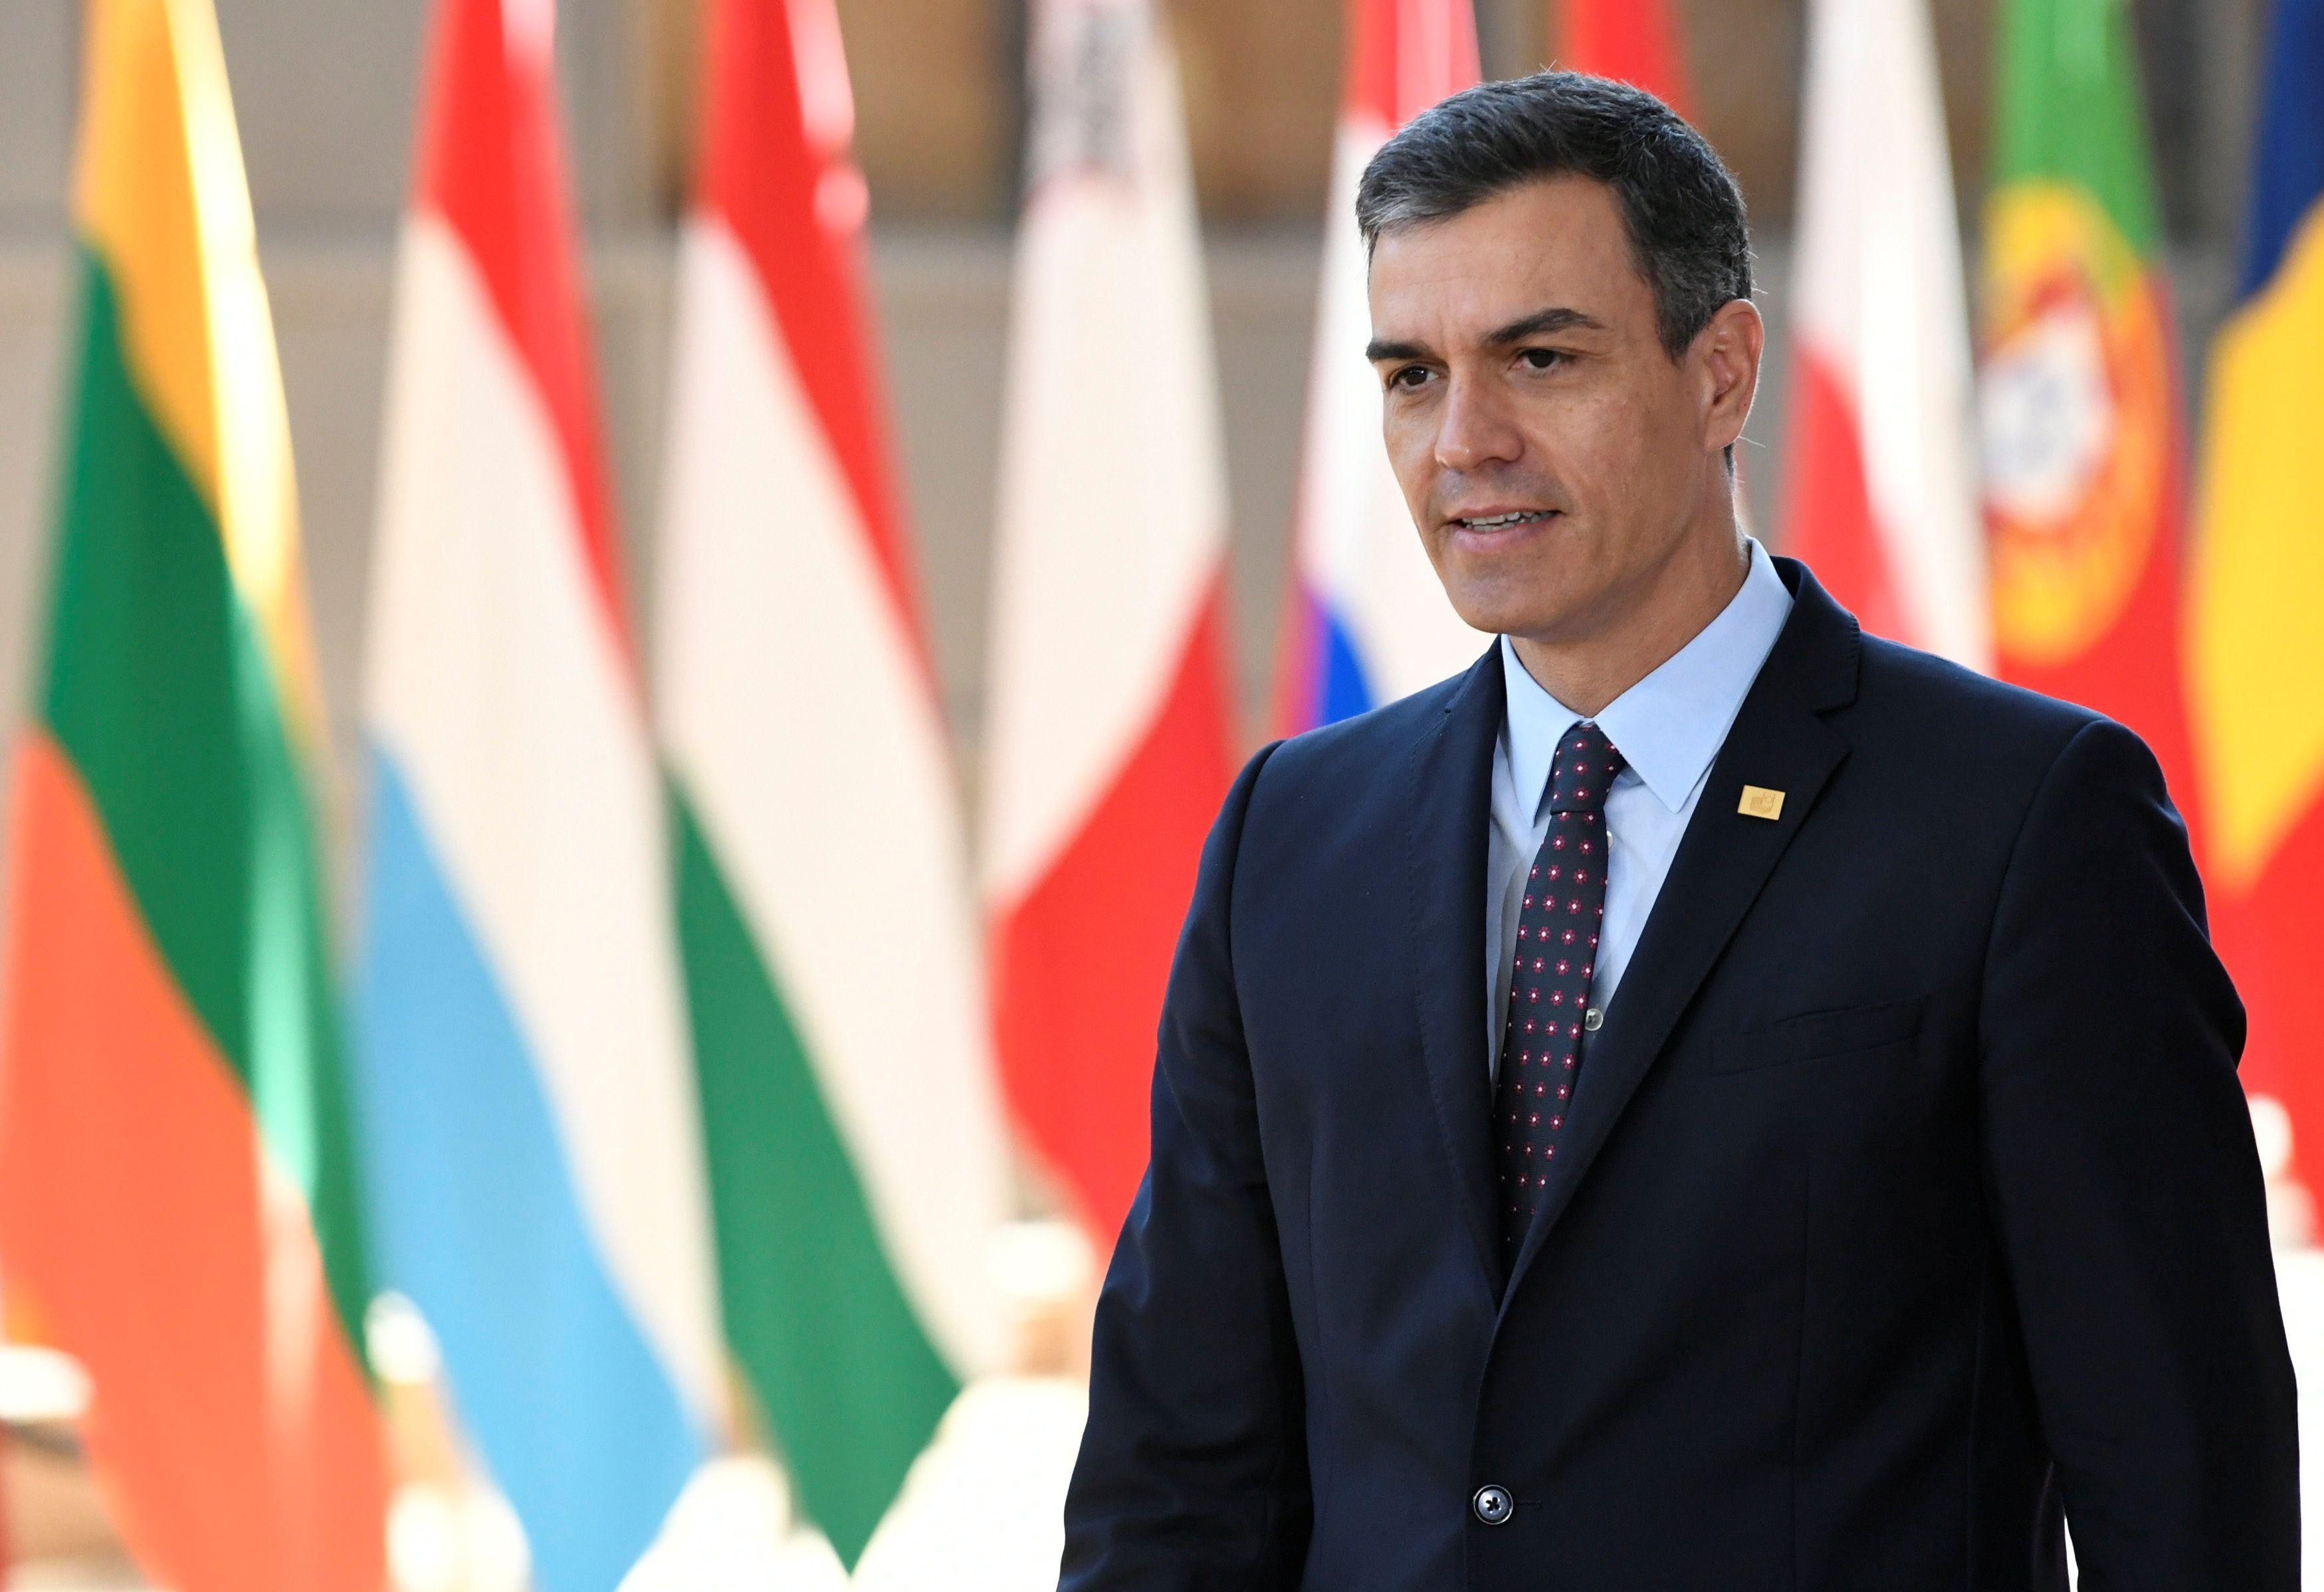 Partido espanhol aceita condição de acordo de coalizão com socialistas